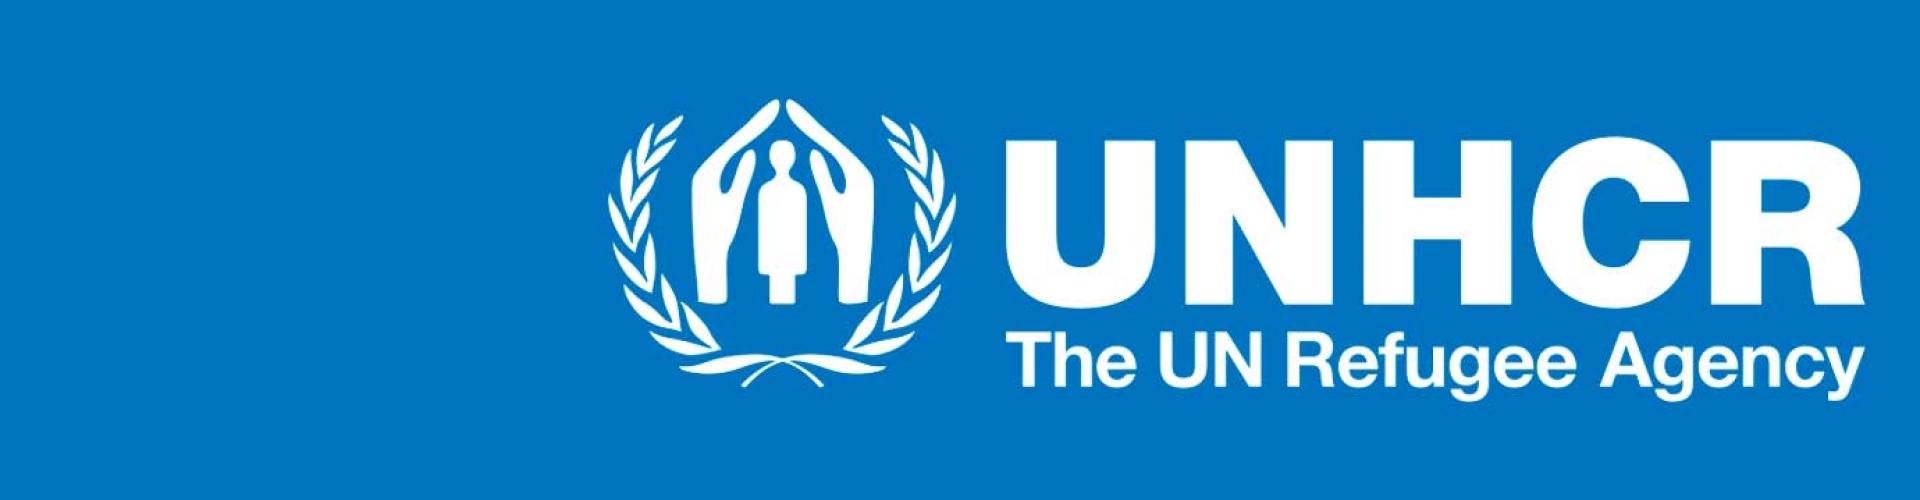 นายฟิลลิปโป กรันดี ข้าหลวงใหญ่ UNHCR แสดงความเสียใจต่อเหตุการณ์การความรุนแรงในประเทศศรีลังกา จำนวนผู้เสียชีวิตพุ่งสูงขึ้น